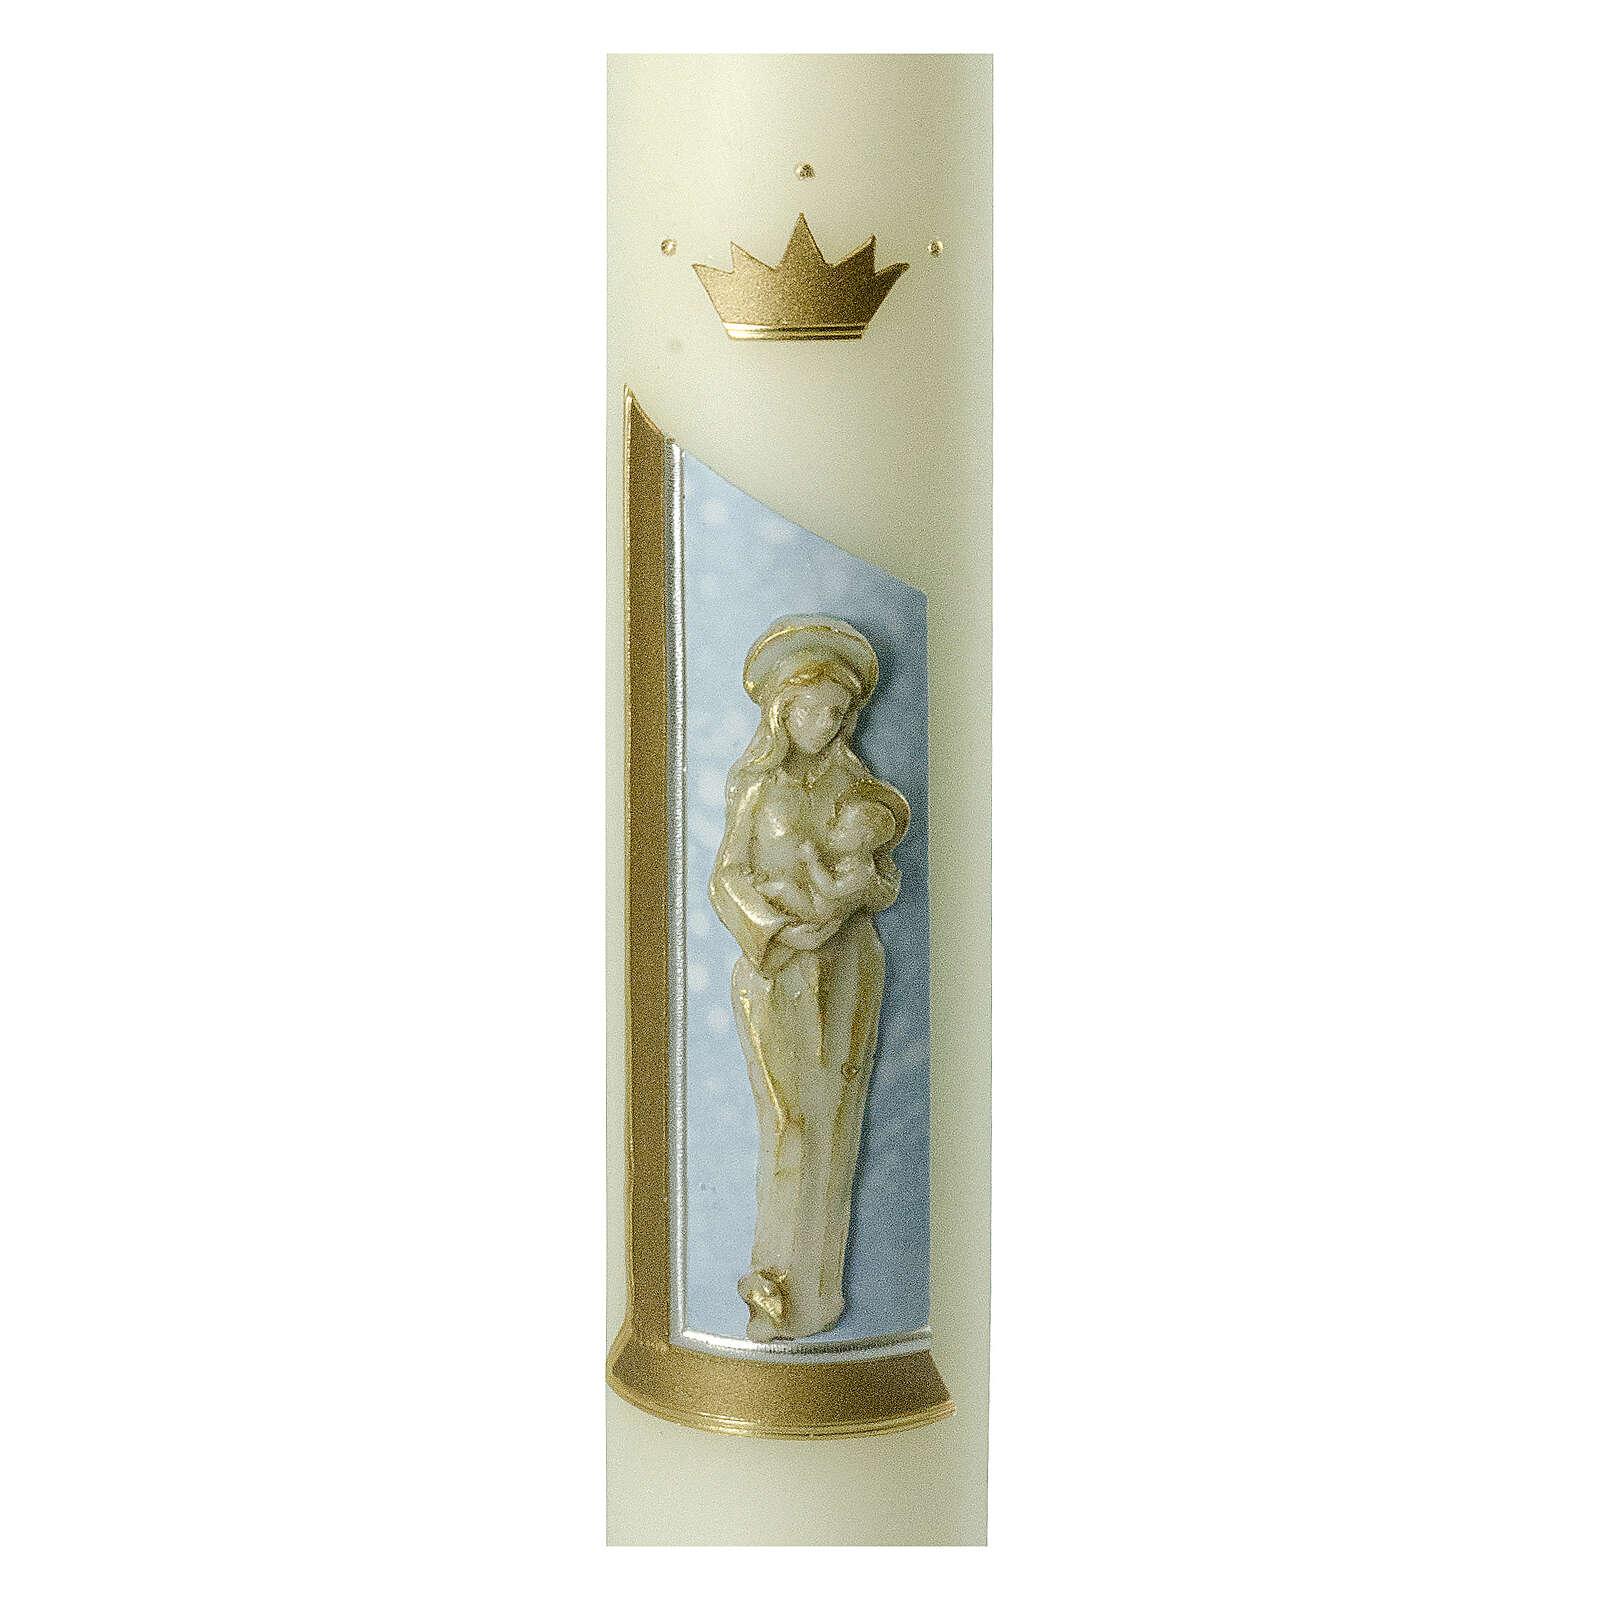 Kerze mit Maria und dem Jesuskind mit goldenen Details, 400x60 mm 3